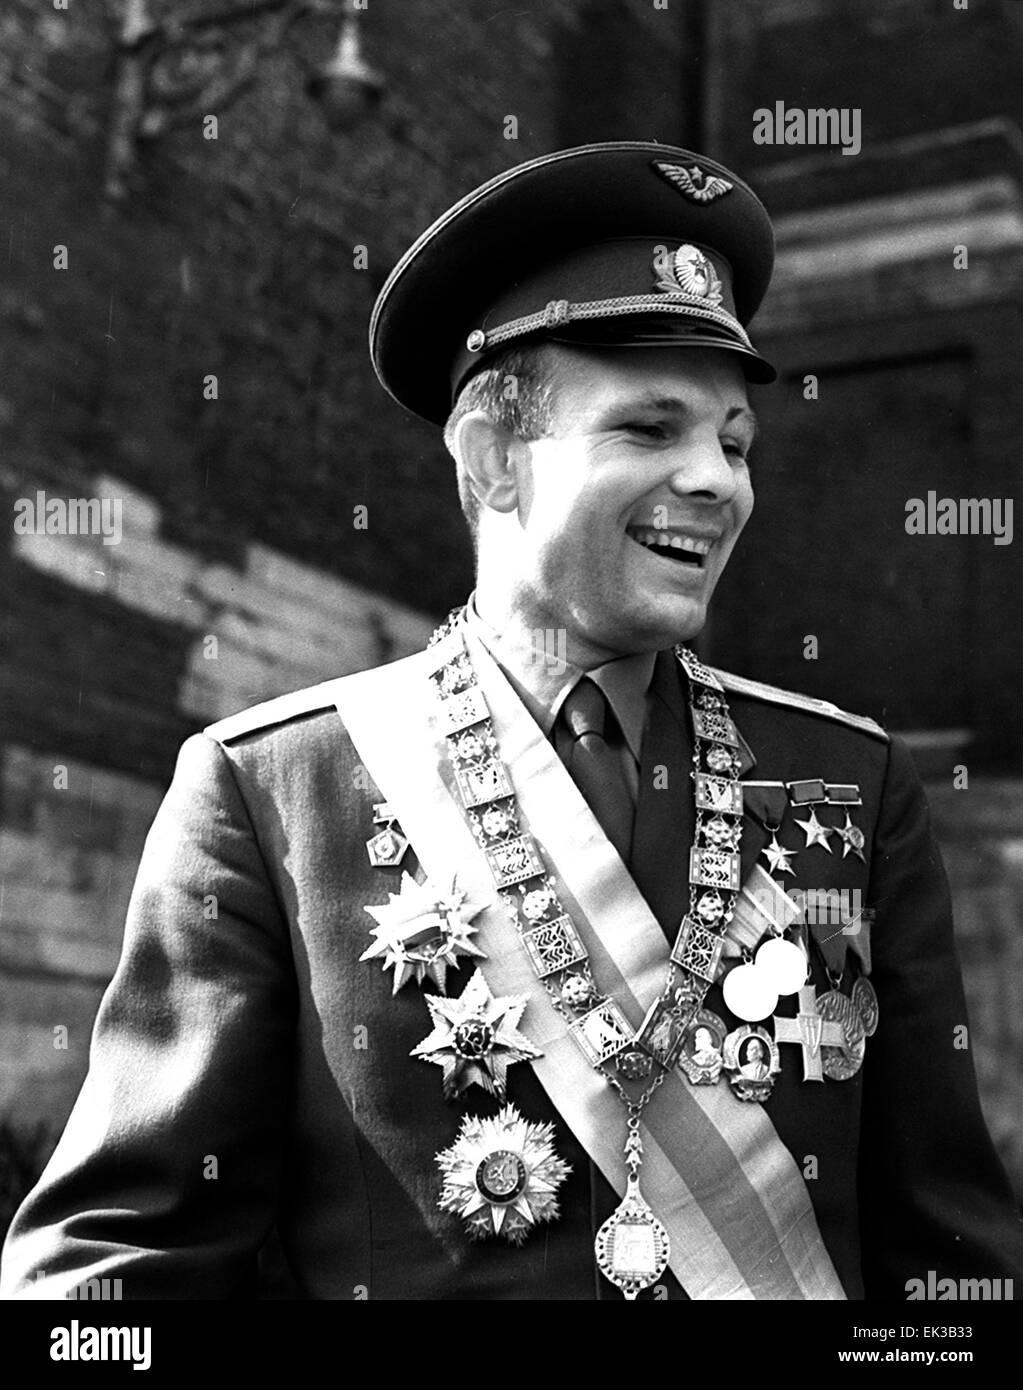 UDSSR Erster Mensch im Weltall Yuri Gagarin posiert mit seiner